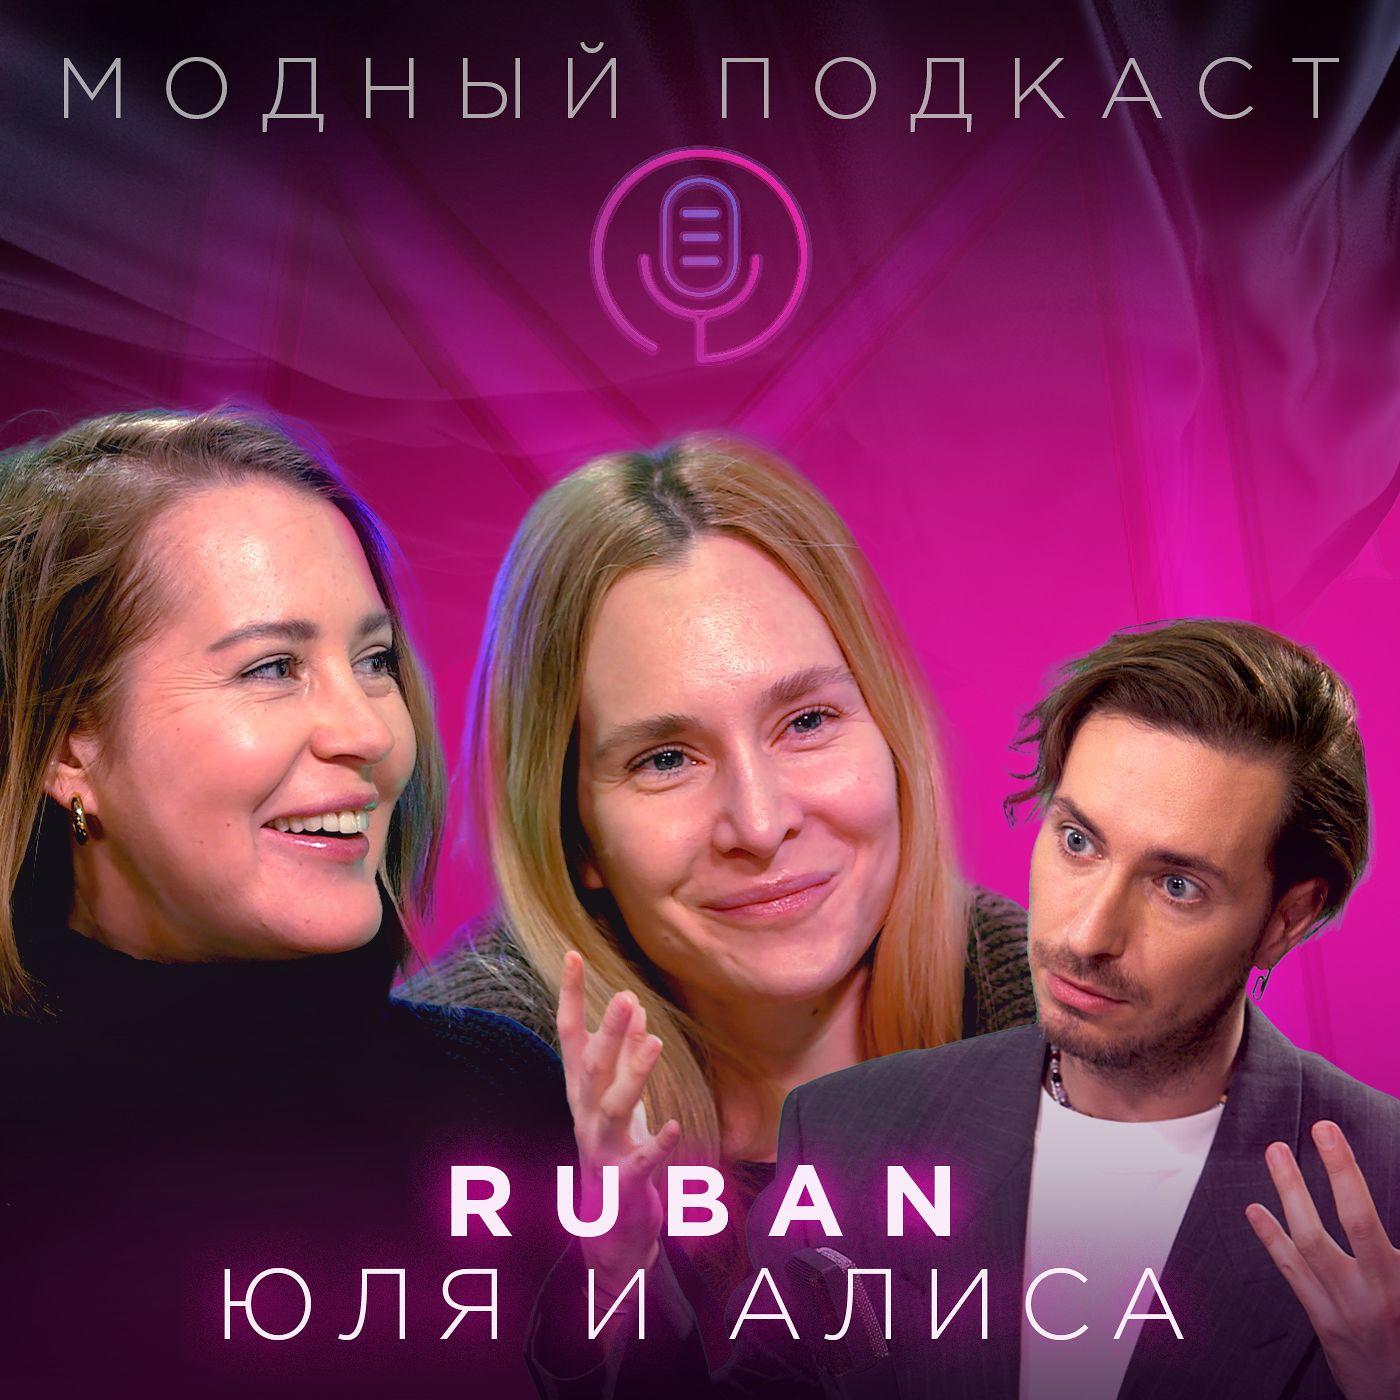 Сестры RUBAN: зачем женщине три туфли и почему все копируют свитер Рубан